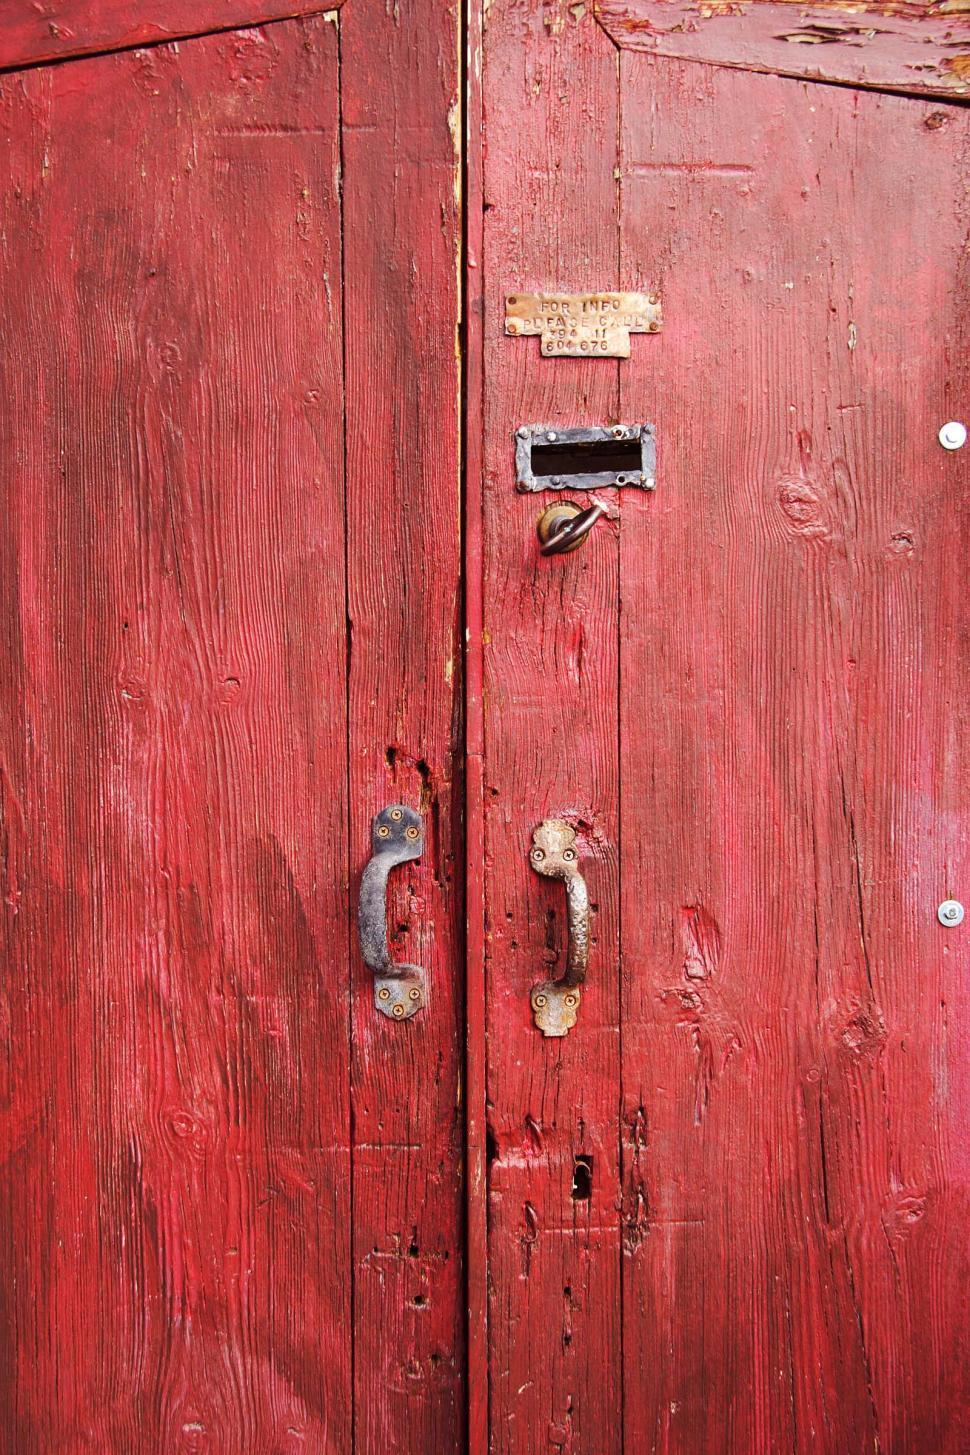 Download Free Stock HD Photo of Red wooden doors Online